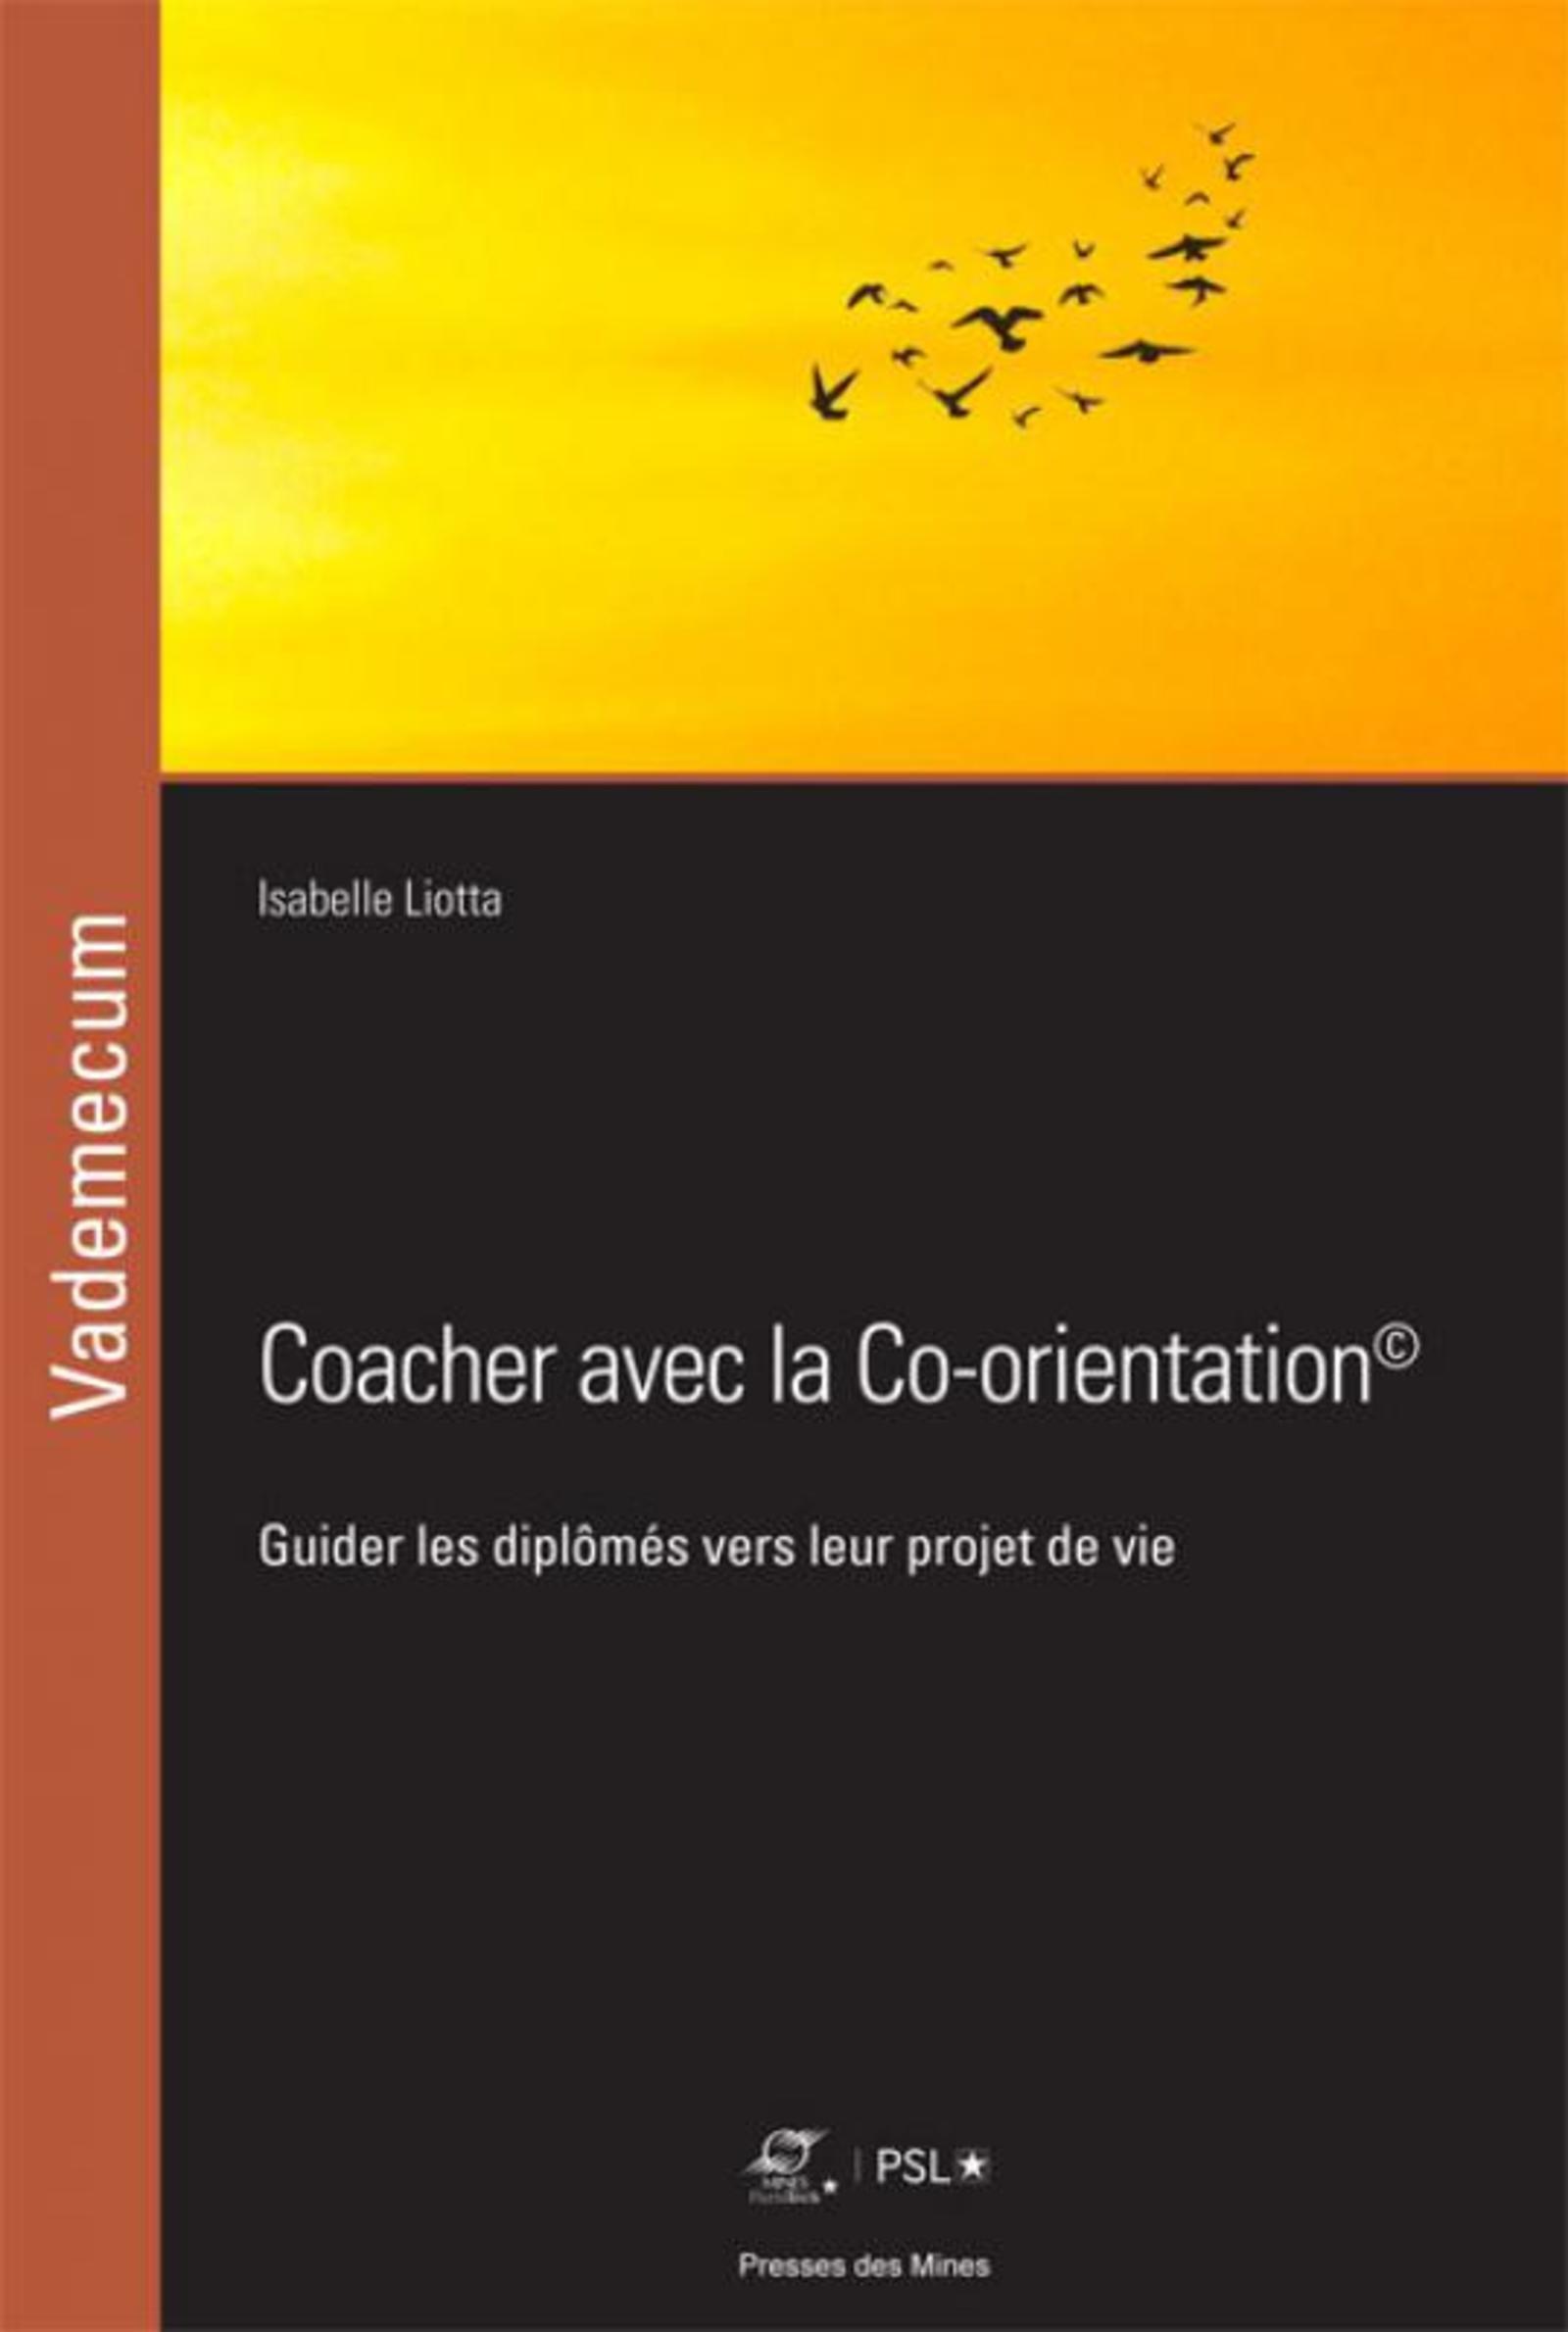 COACHER AVEC LA CO-ORIENTATION - GUIDER LES DIPLOMES VERS LEUR PROJET DE VIE